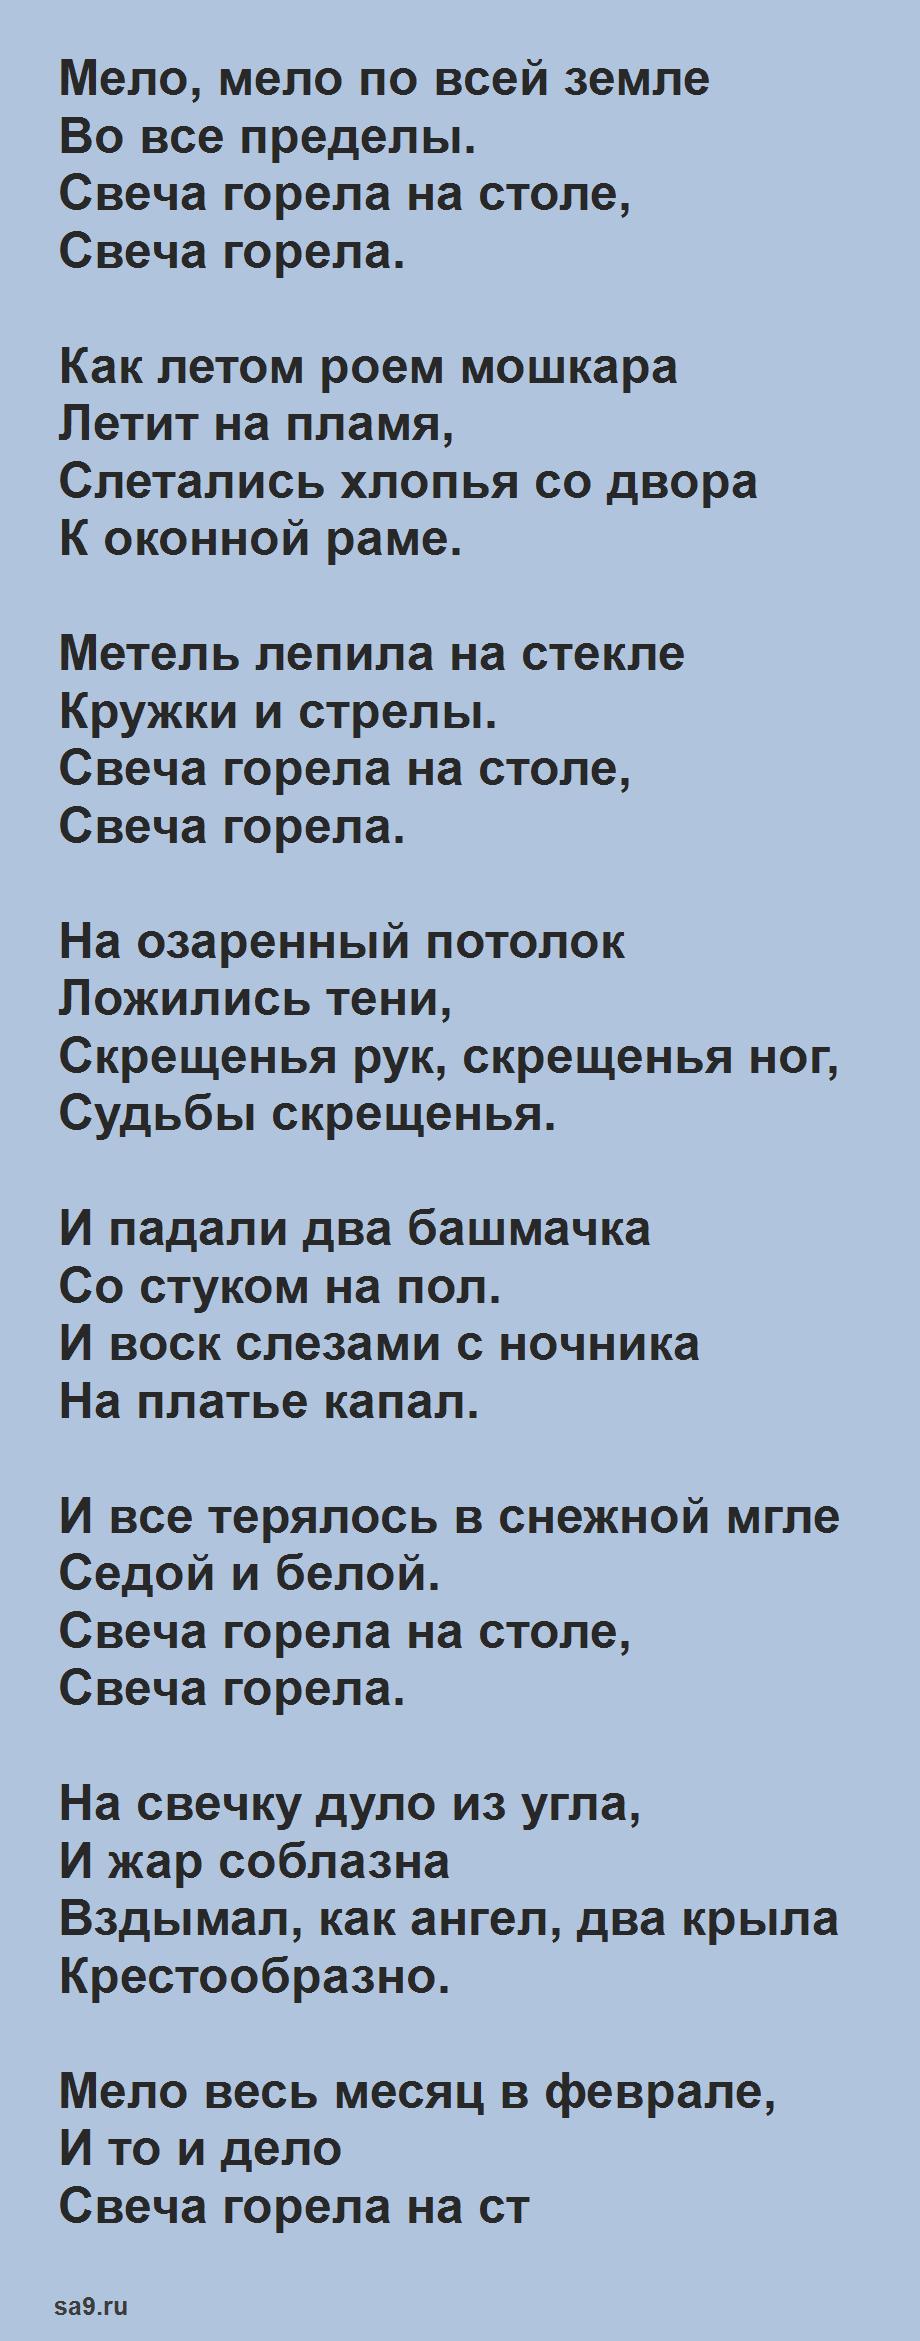 Пастернак - Зимняя ночь, стих